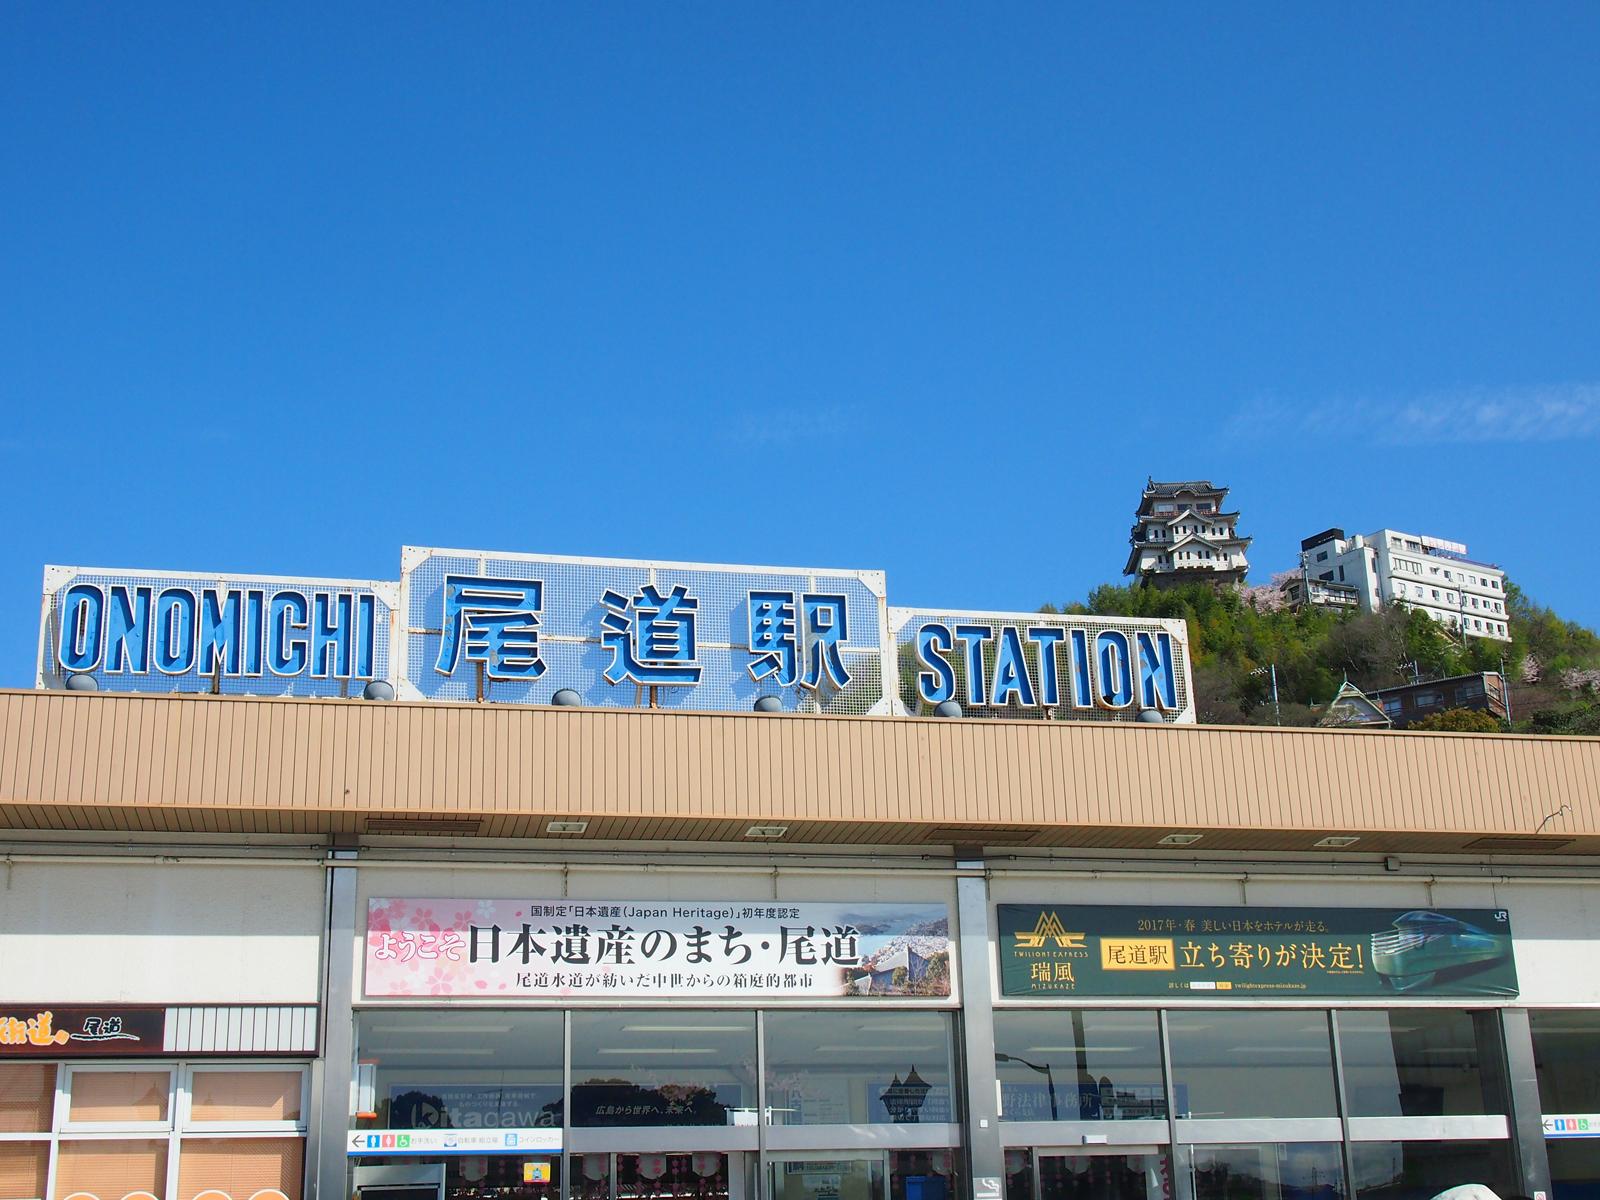 ありがとう尾道駅 また「ただいま」と言えるその日まで